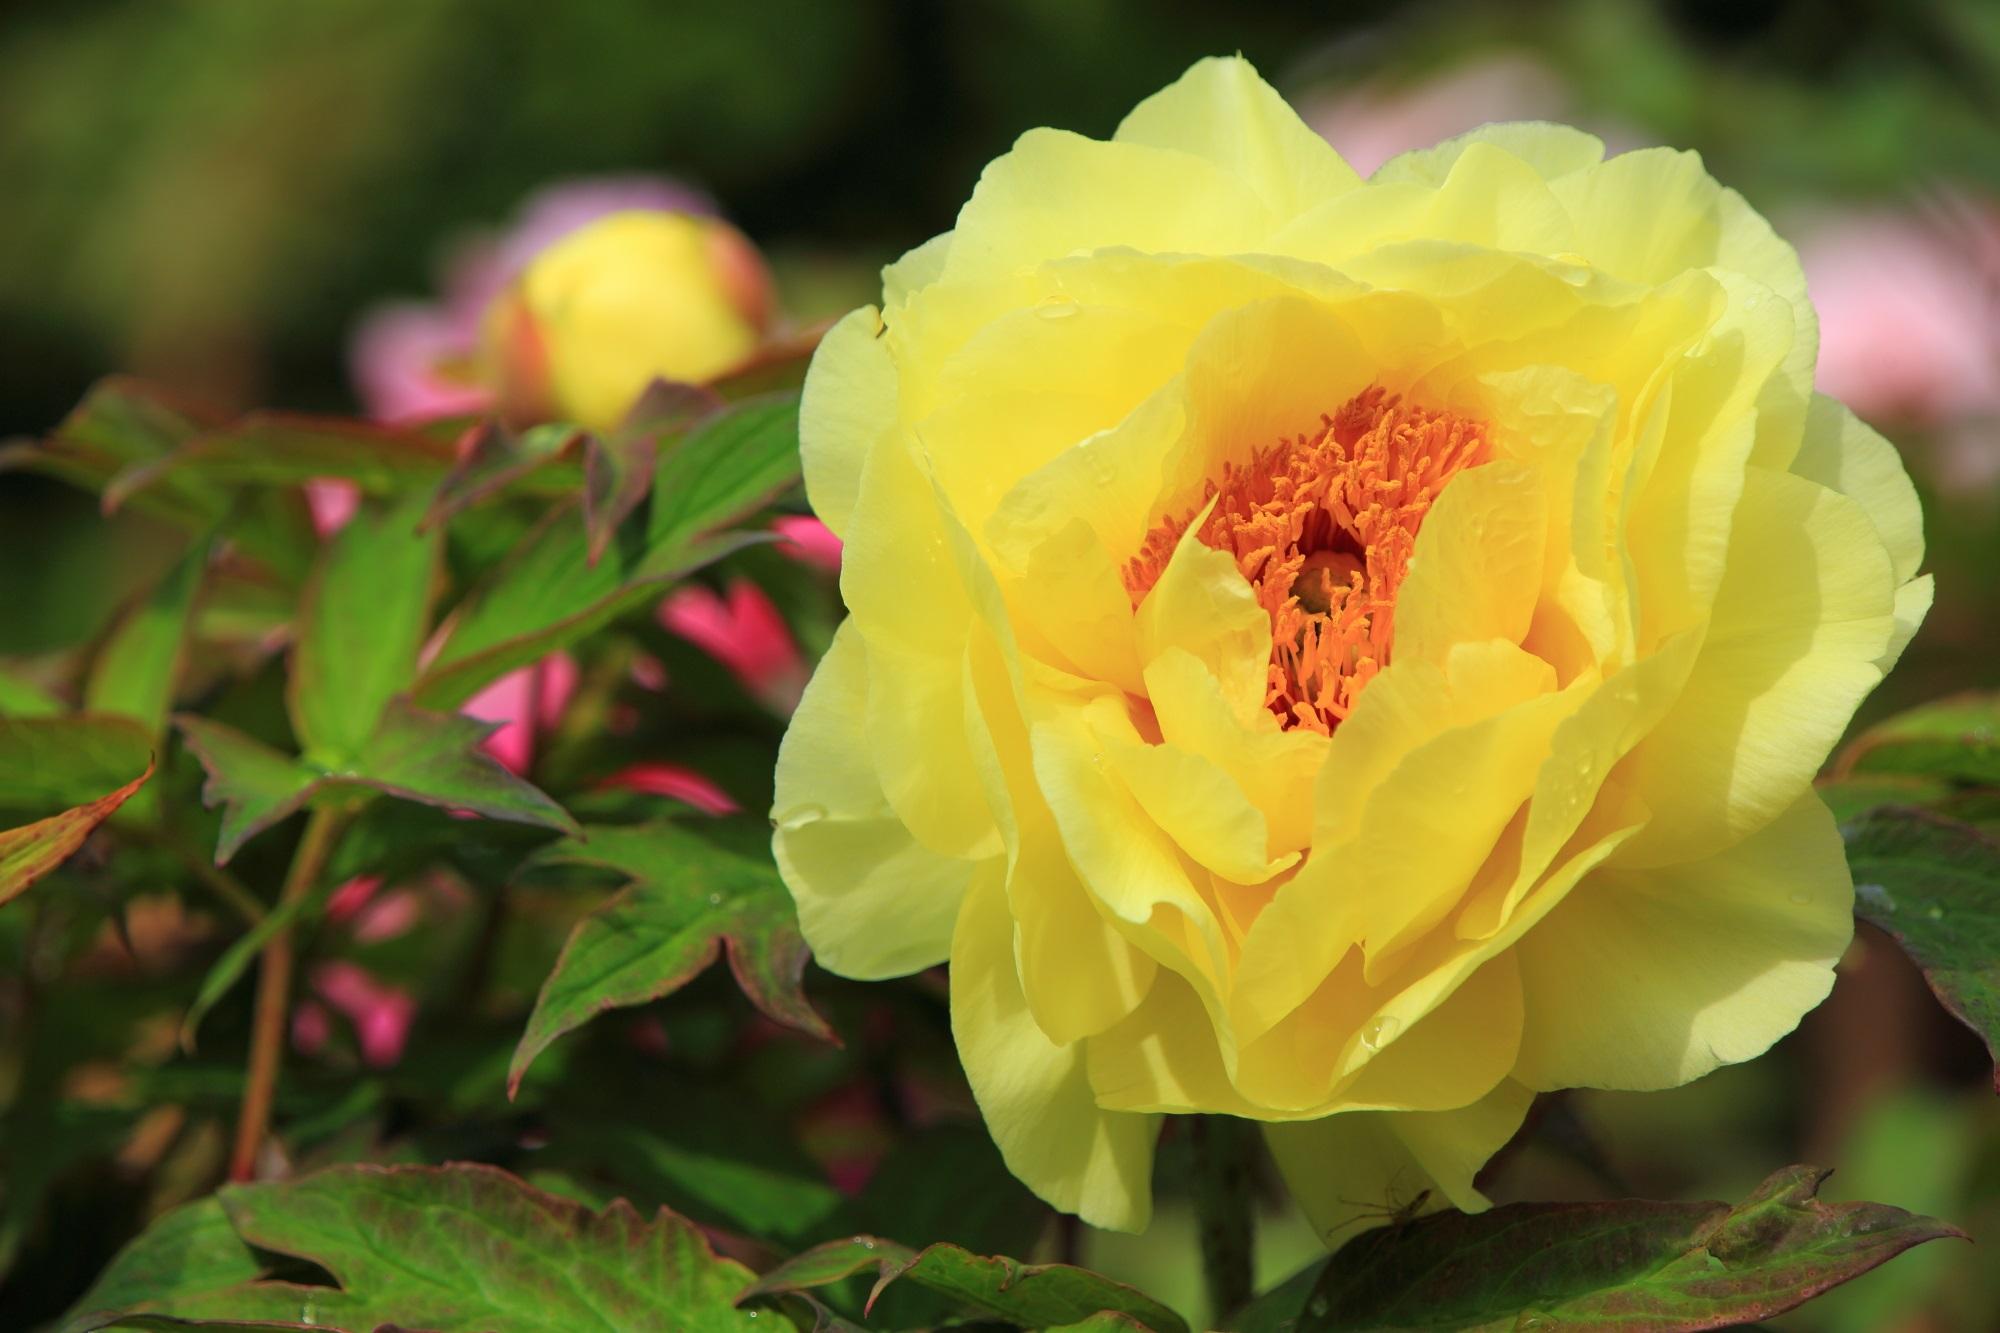 柔らかな春の太陽を浴びて輝く黄色い牡丹の花